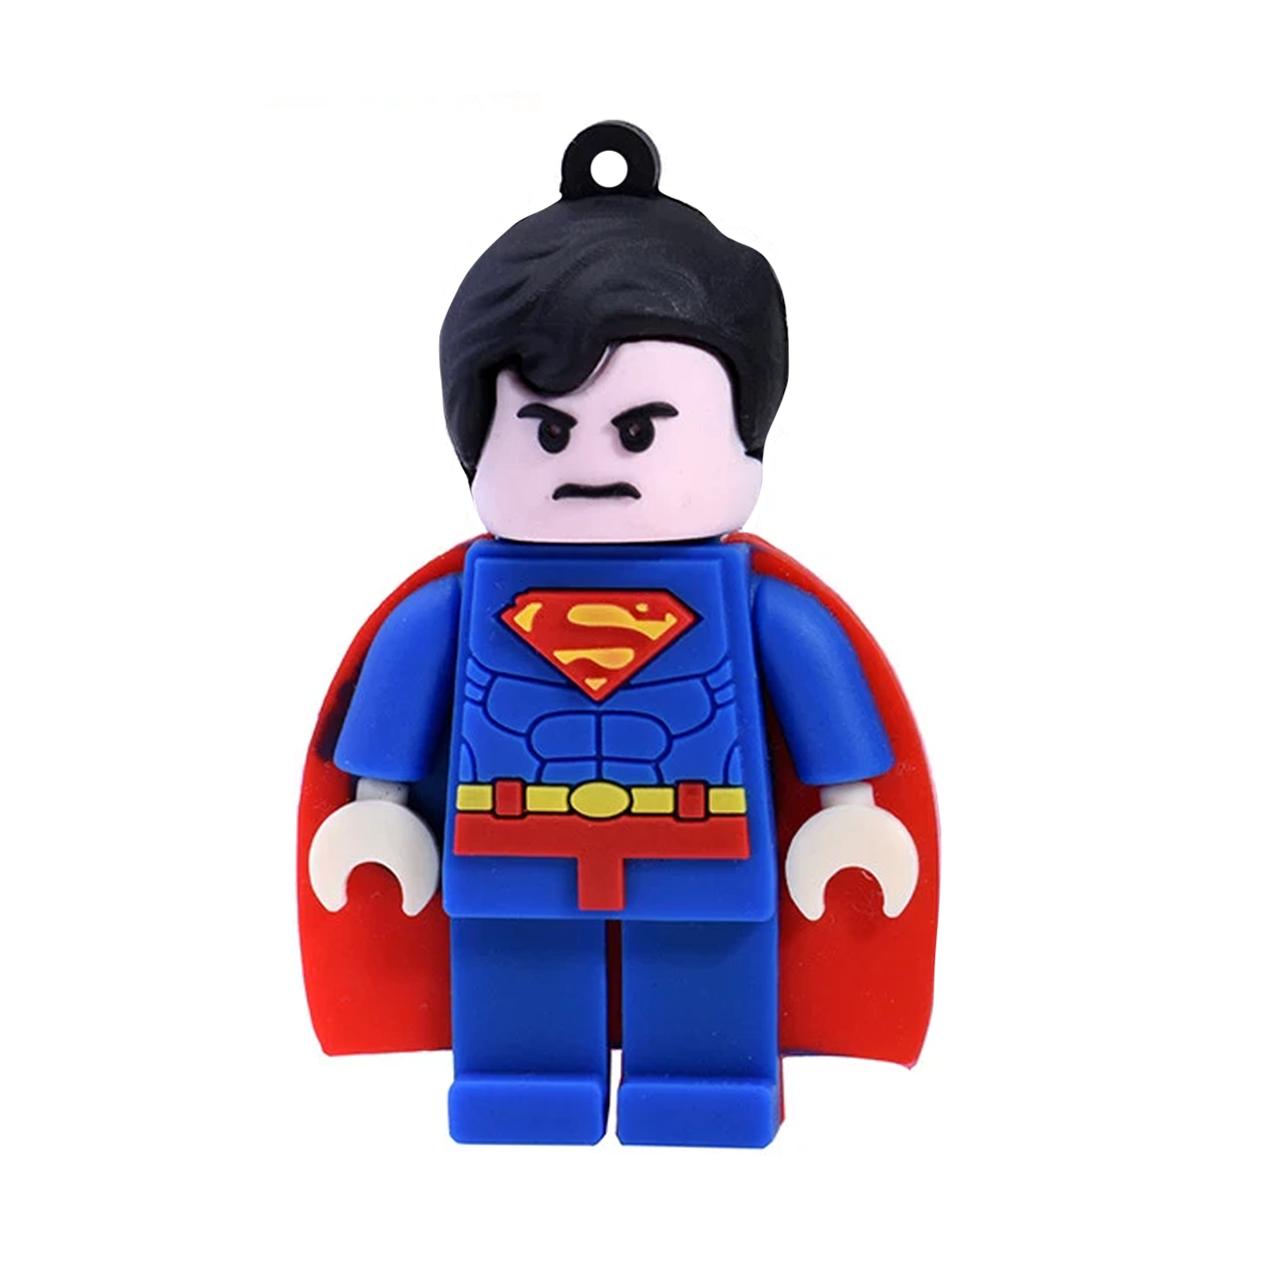 بررسی و {خرید با تخفیف} فلش مموری طرح Lego Superman مدل DPL1168-U3 ظرفیت 128 گیگابایت اصل